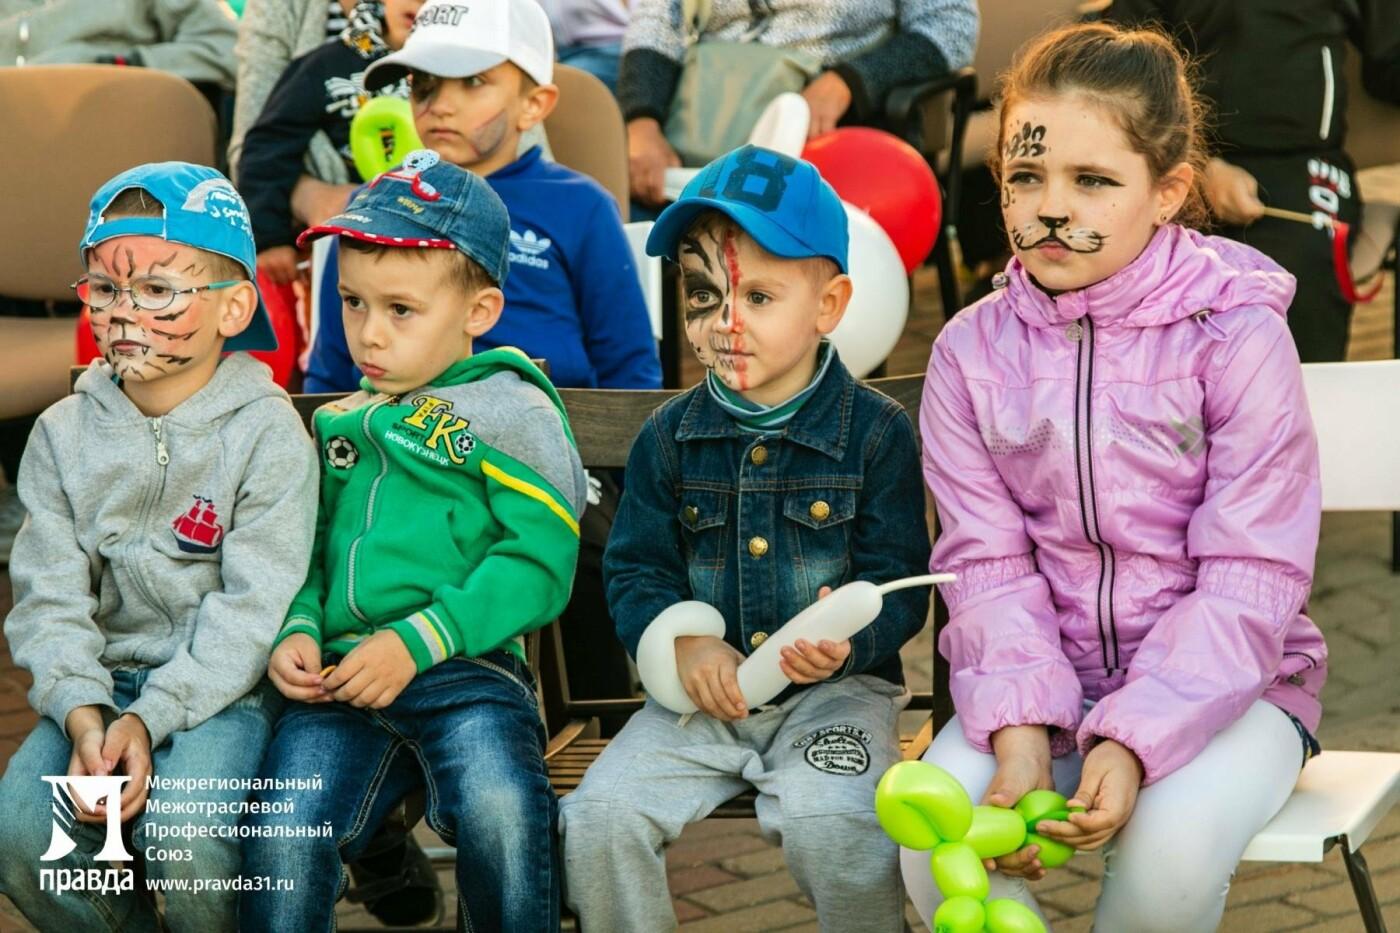 Профсоюз «Правда» вместе с белгородцами подарил тренажёры для реабилитации детей с особенностями здоровья, фото-17